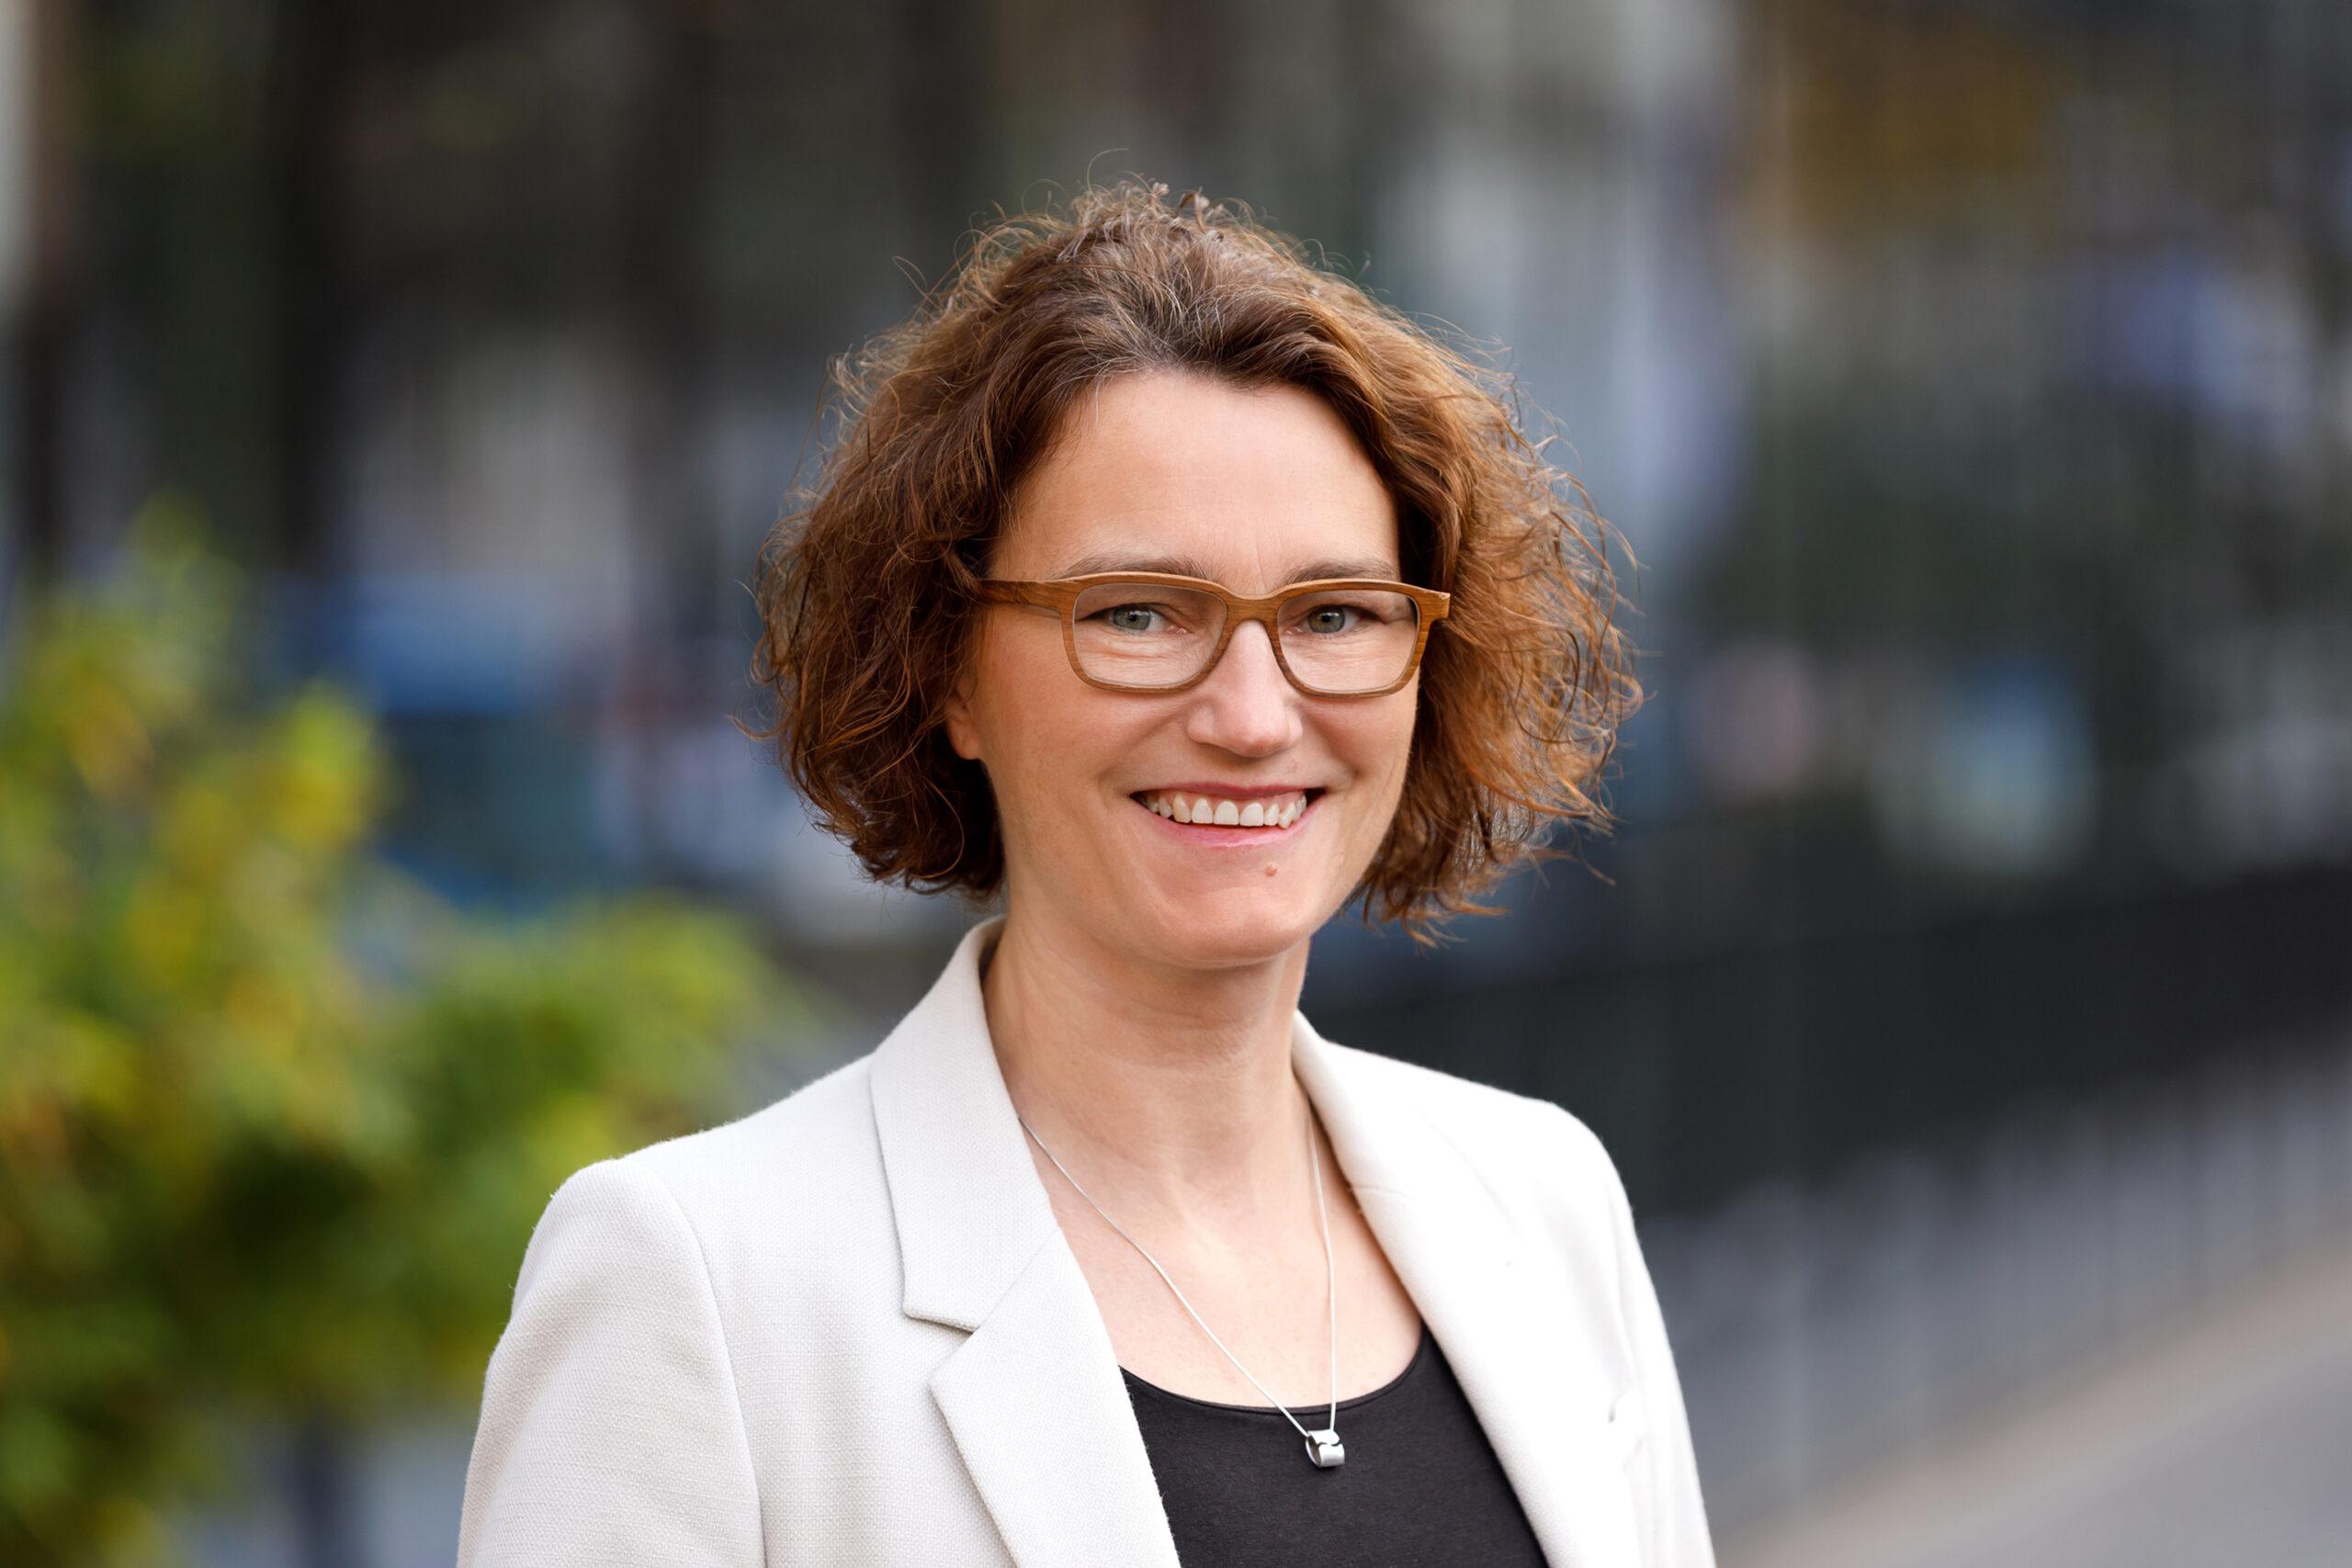 Anja-Rosen-urban-mining-index